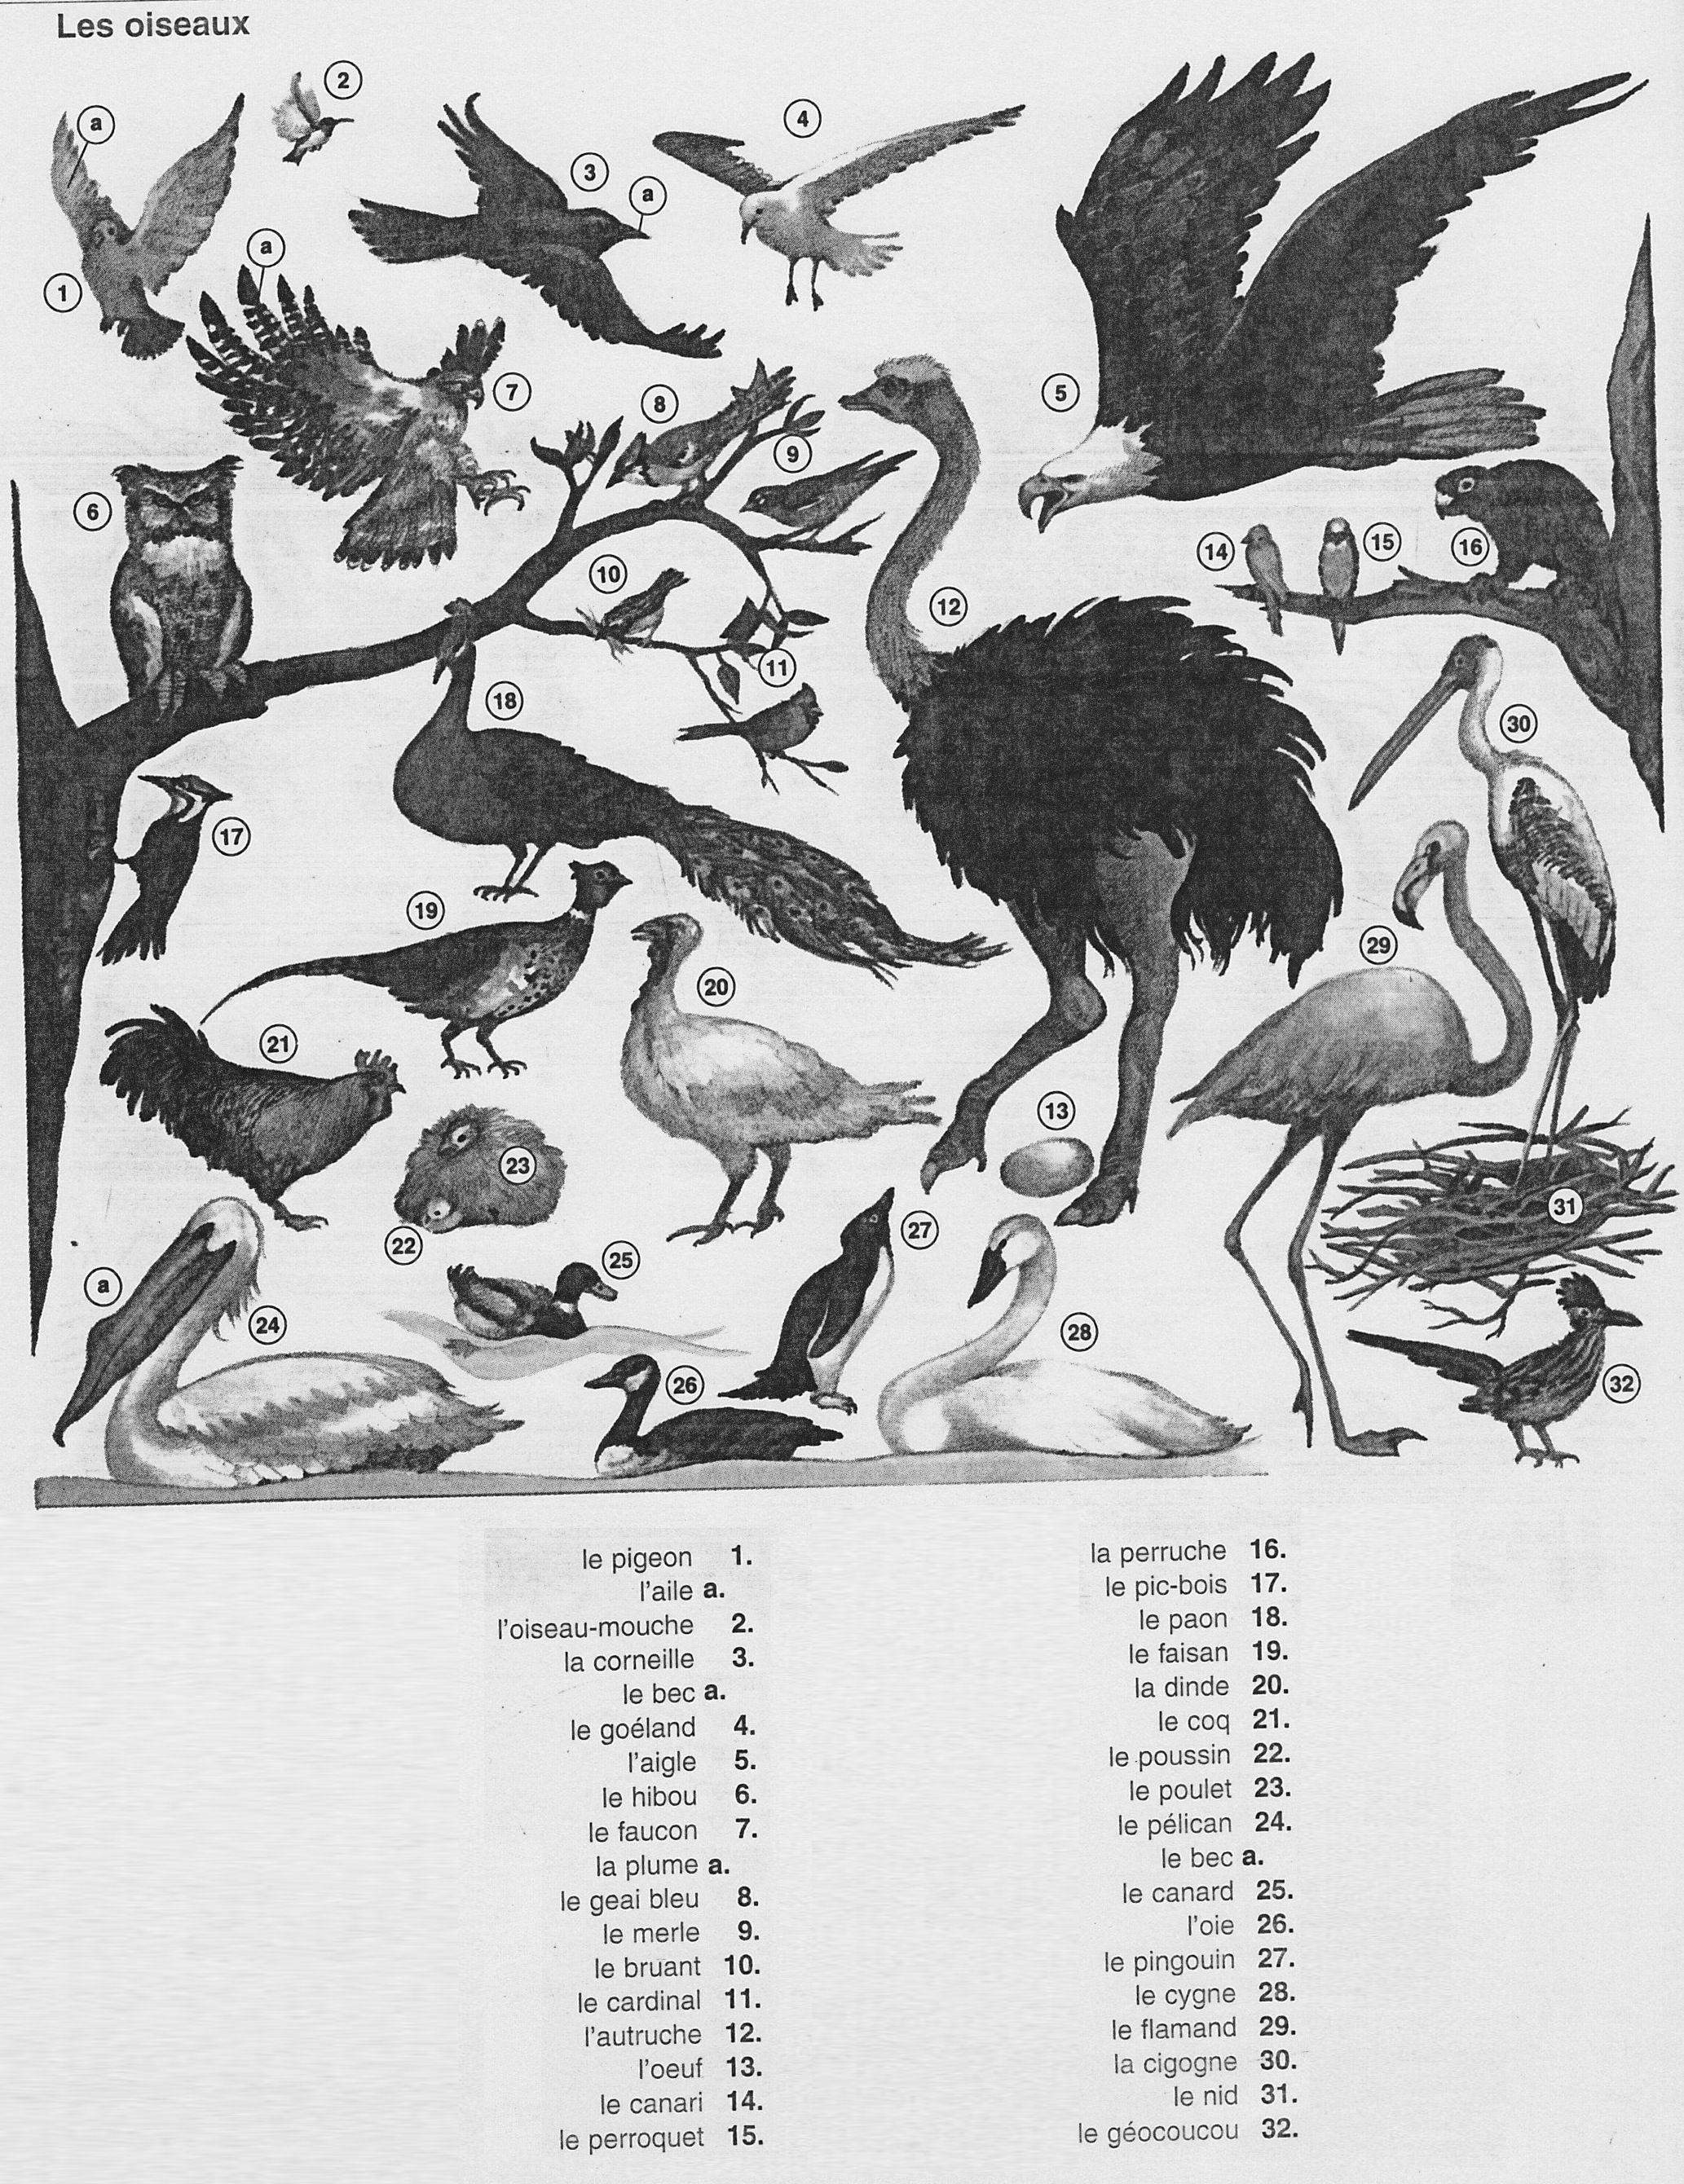 Le paon, l'autruche, et les poulets - deridet.com